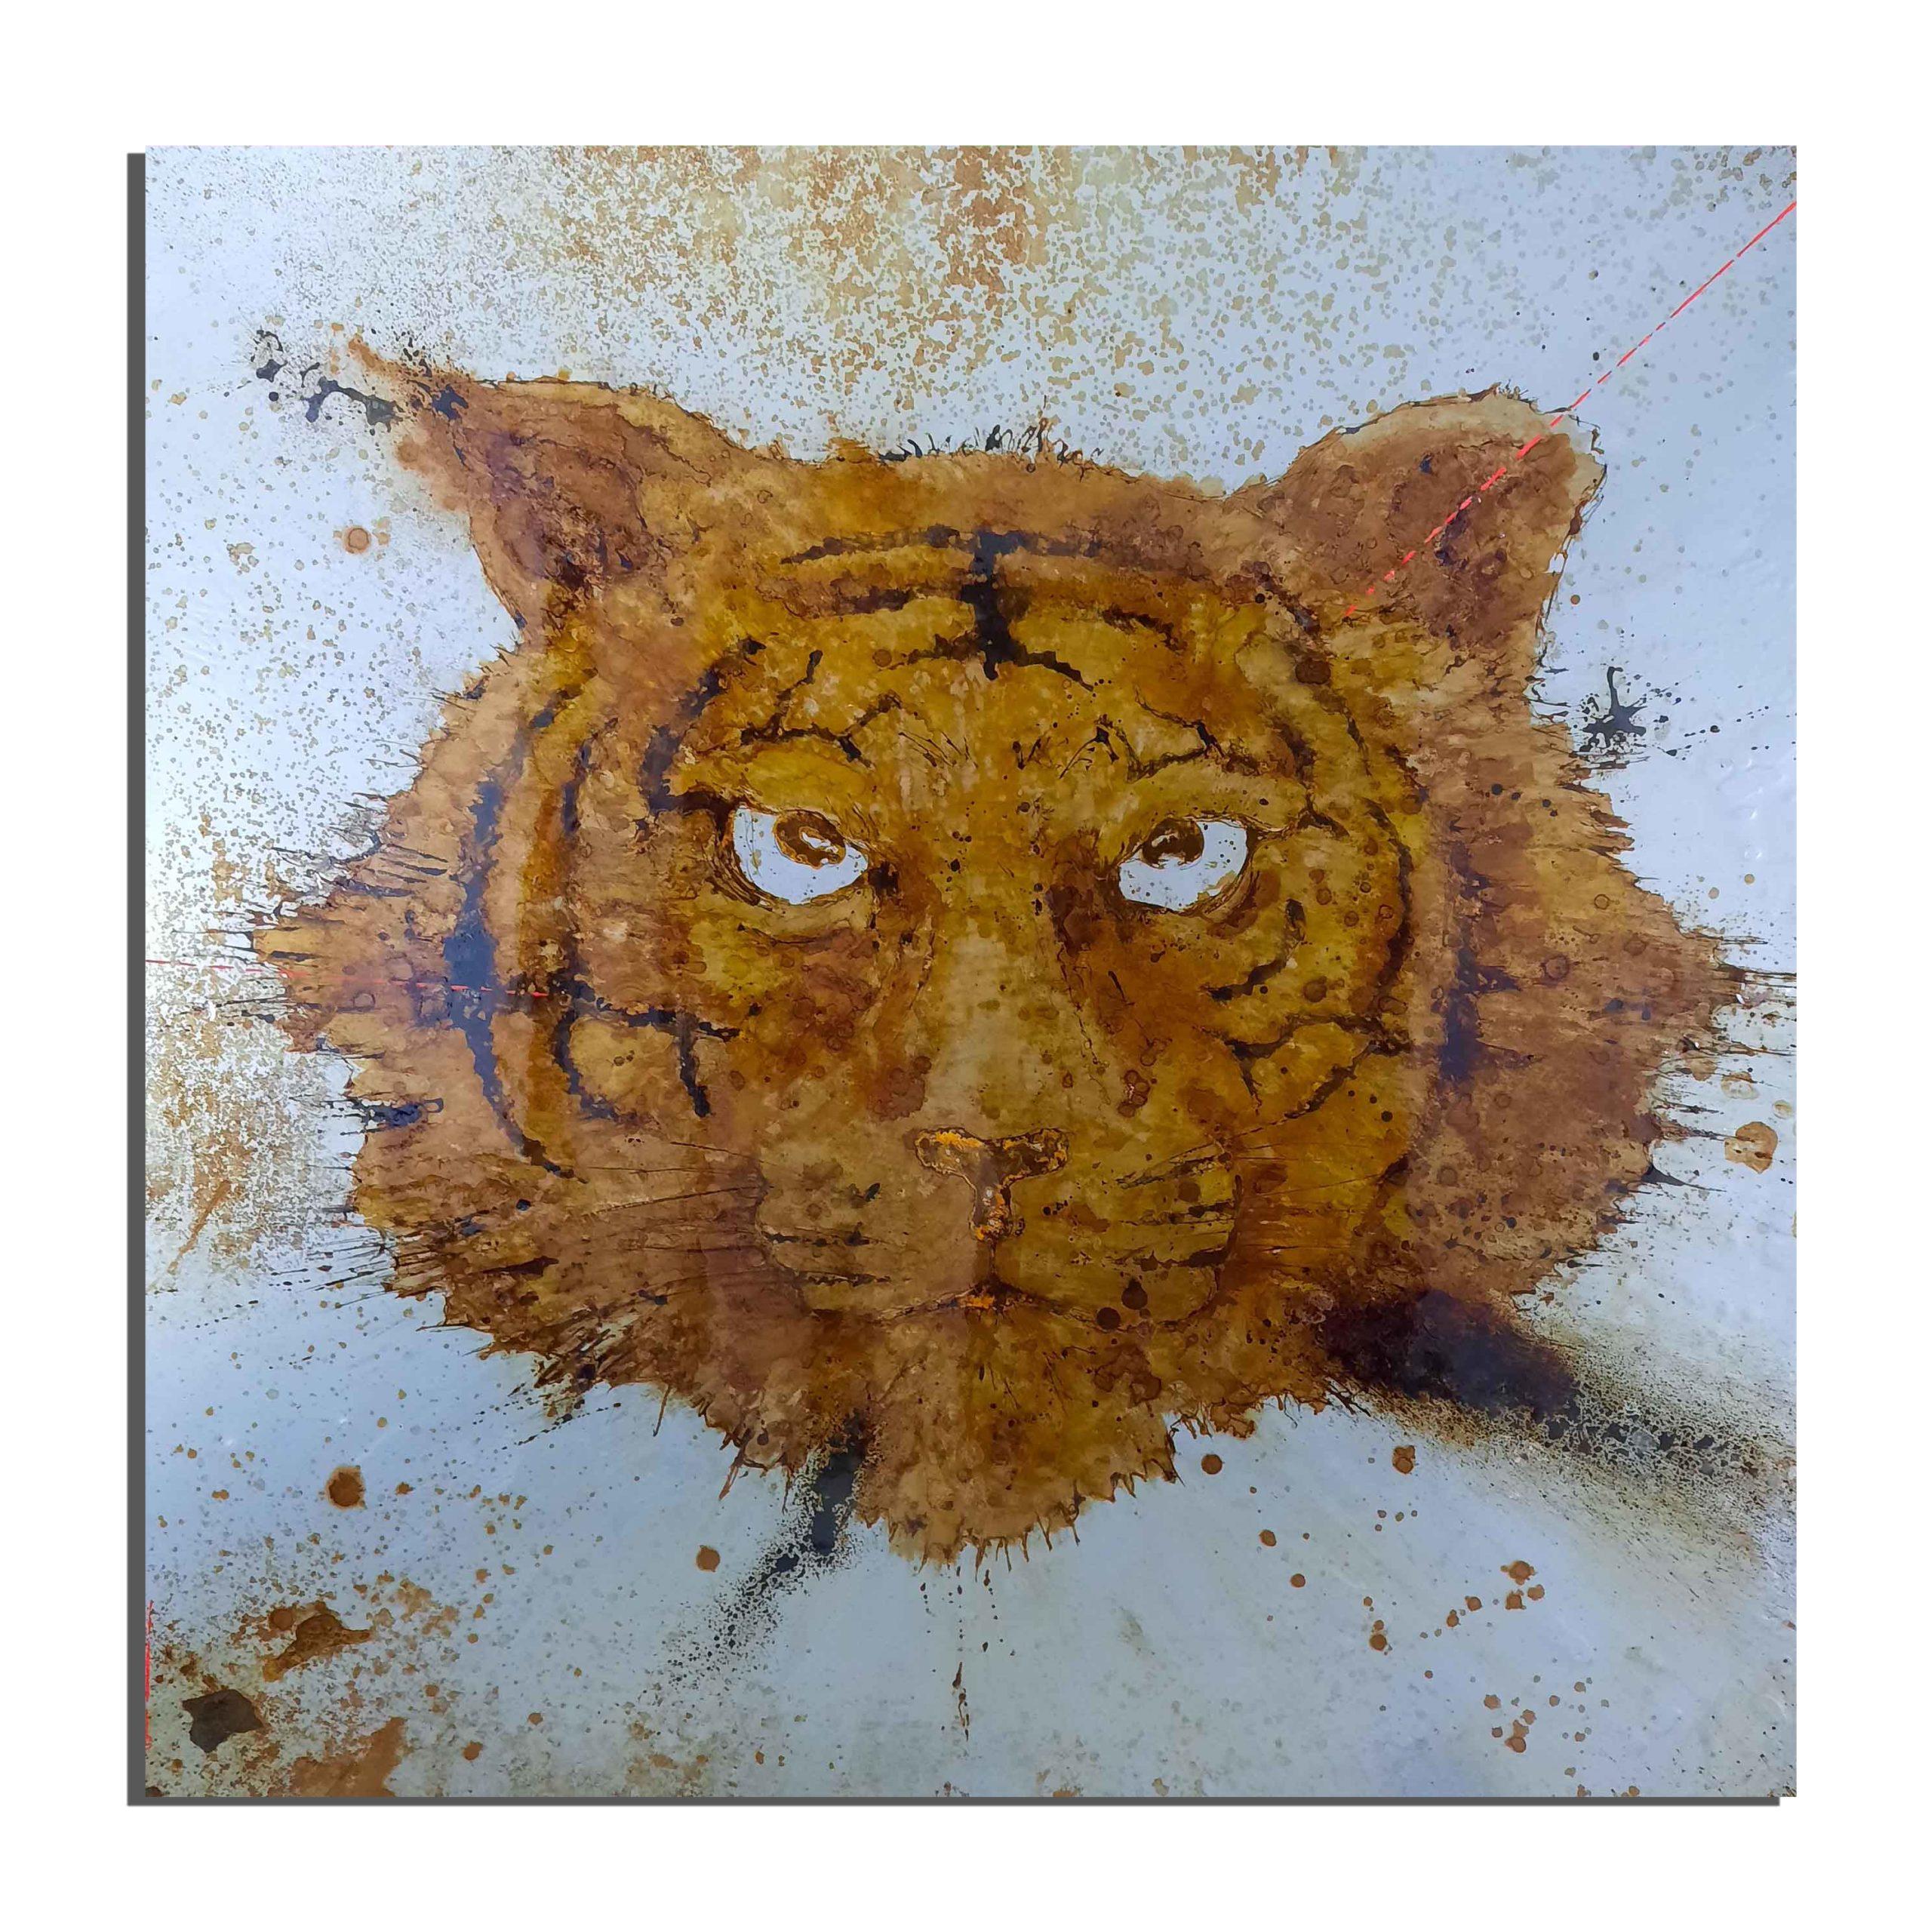 Tigre de rouille fait avec du vinaigre et de l'eau du lac sacré d'Udaïpur (Rajhastan, Inde) - projet Water Is Life, Christophe Monteil, Art 4 Nature